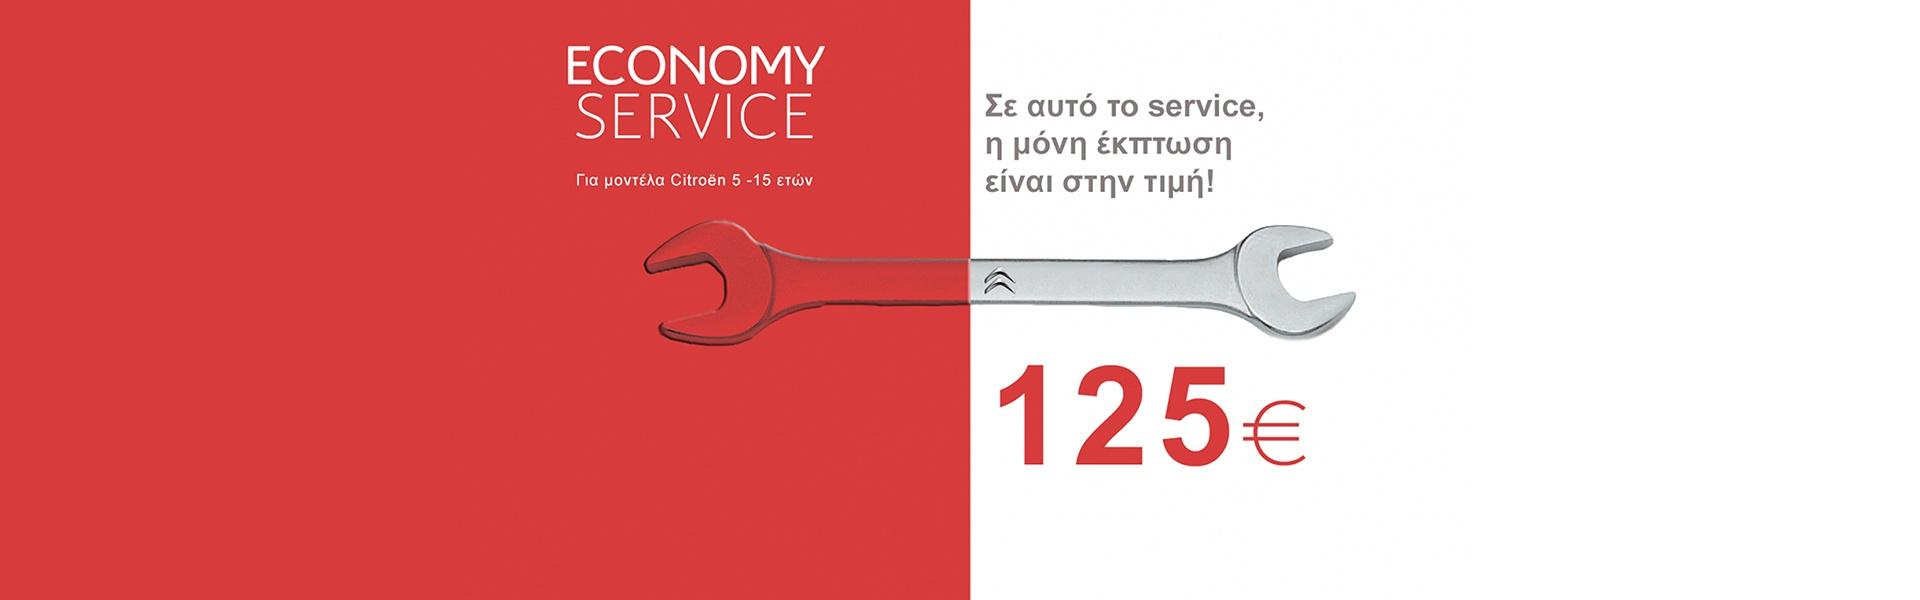 citroen-economy-service